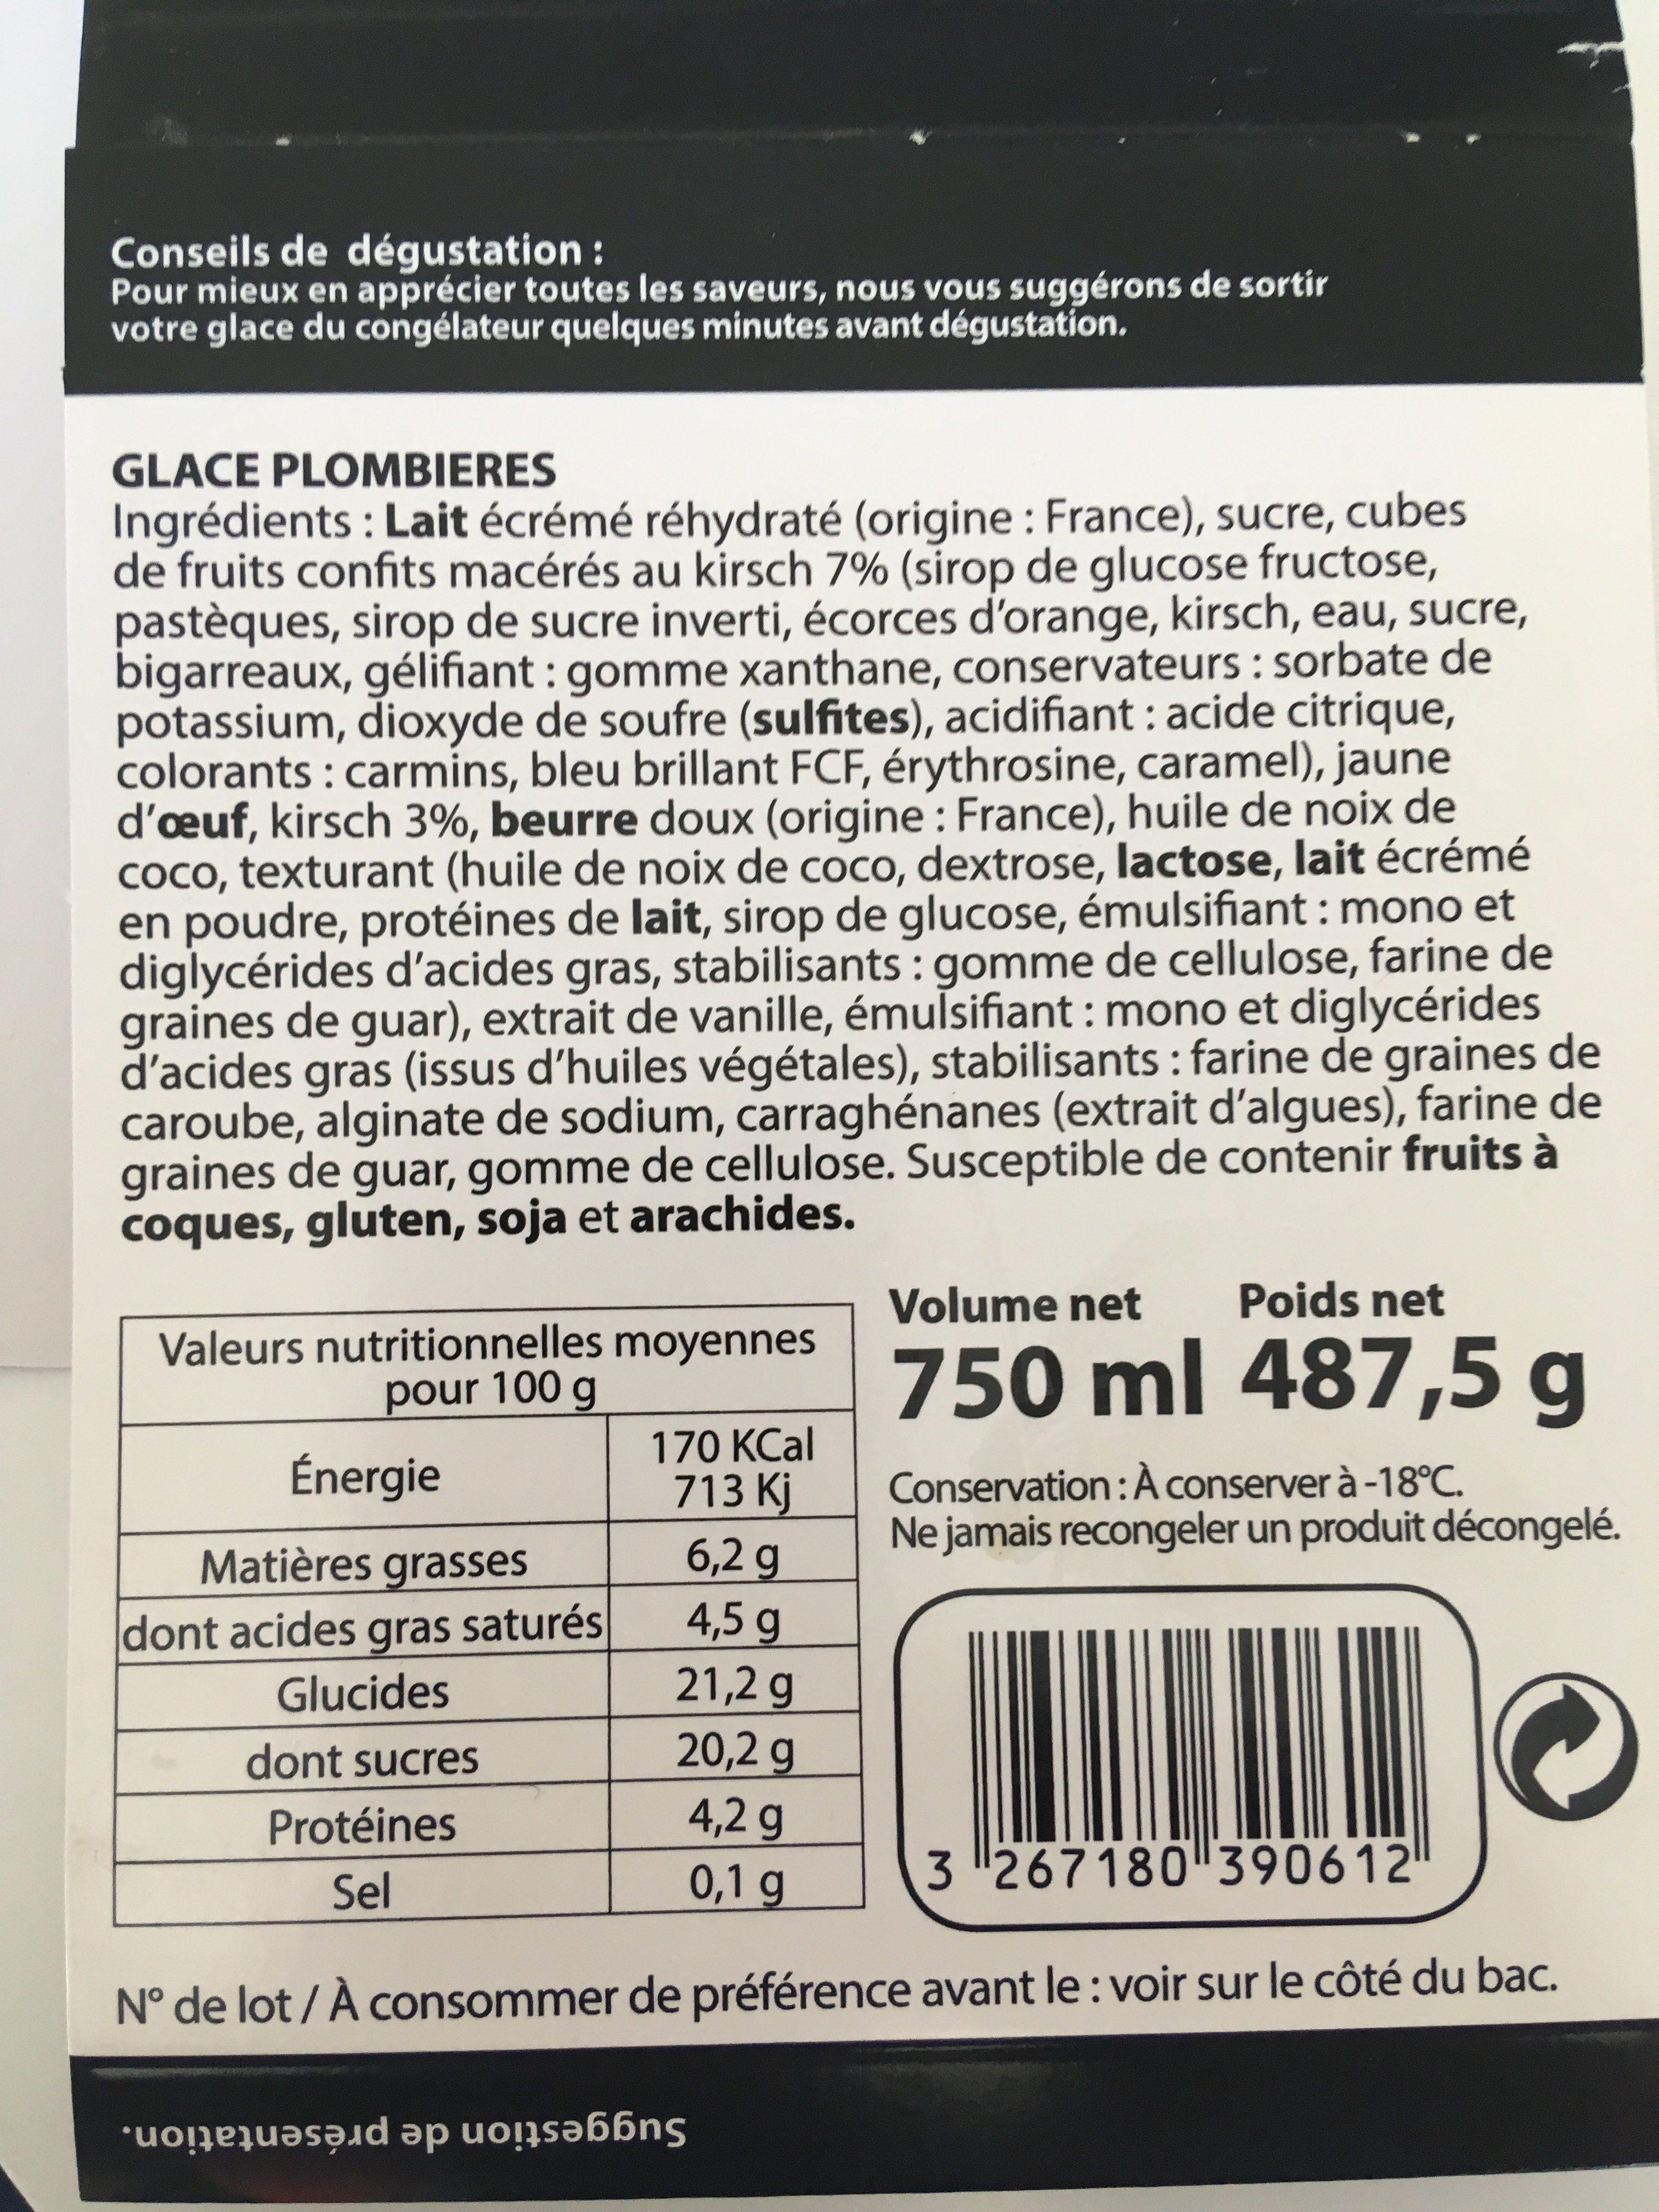 Histoires de glaces Glace Plombières au kirsch, morceaux fruits confits - Ingredients